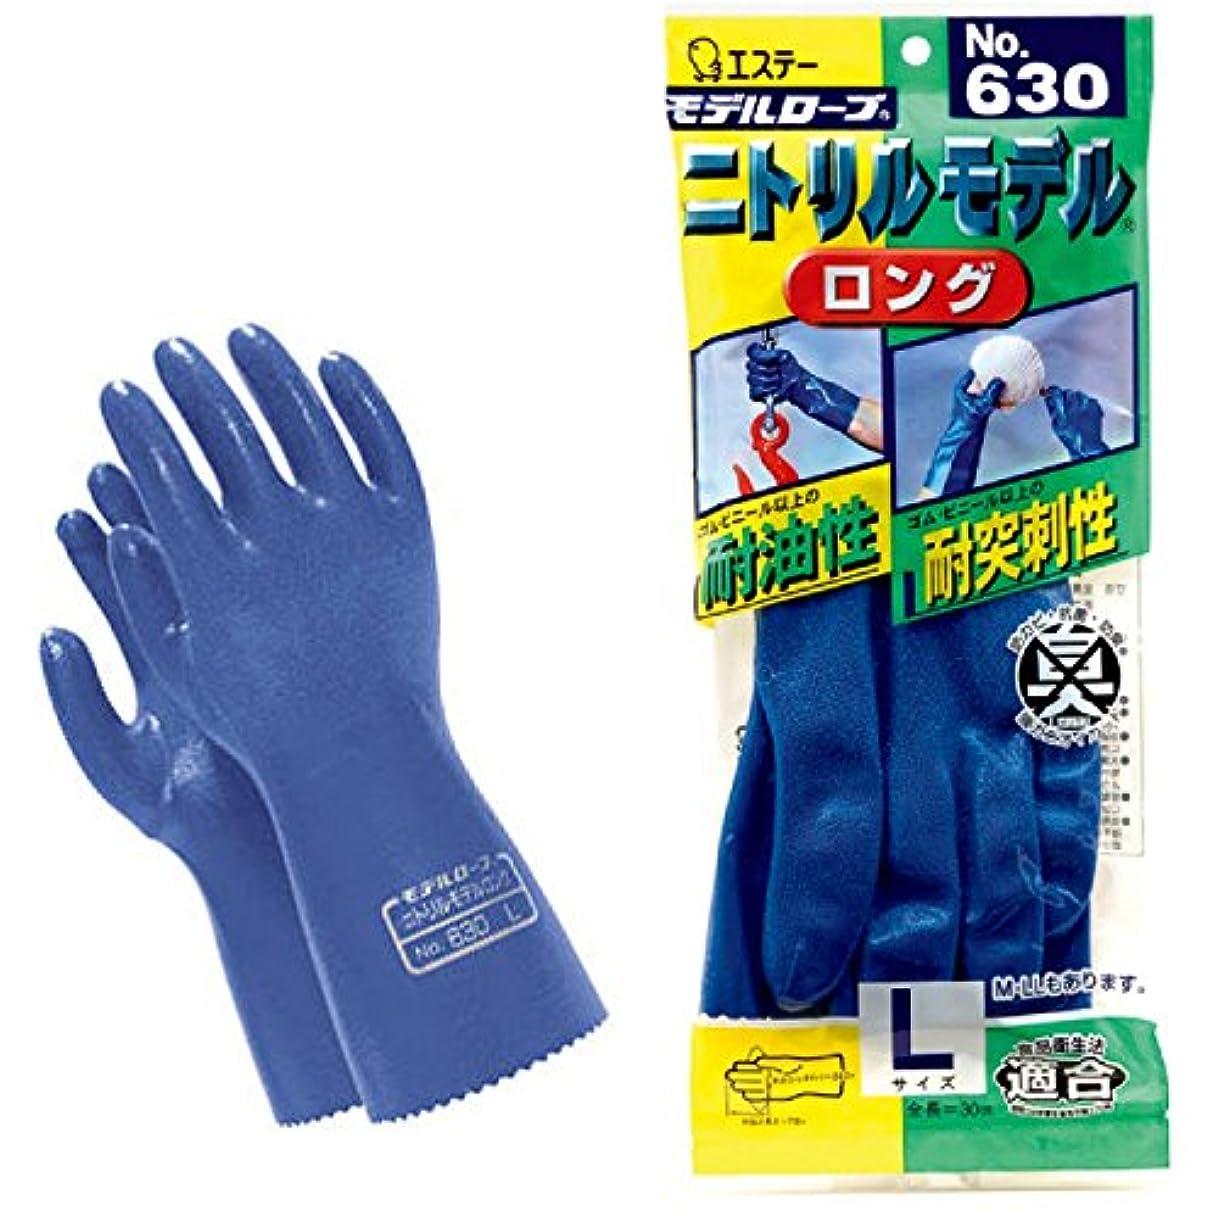 宿る戦うユニークな(まとめ買い)エステー 作業用手袋 ニトリルモデル ロングLLNo.630 【×10セット】 生活用品 インテリア